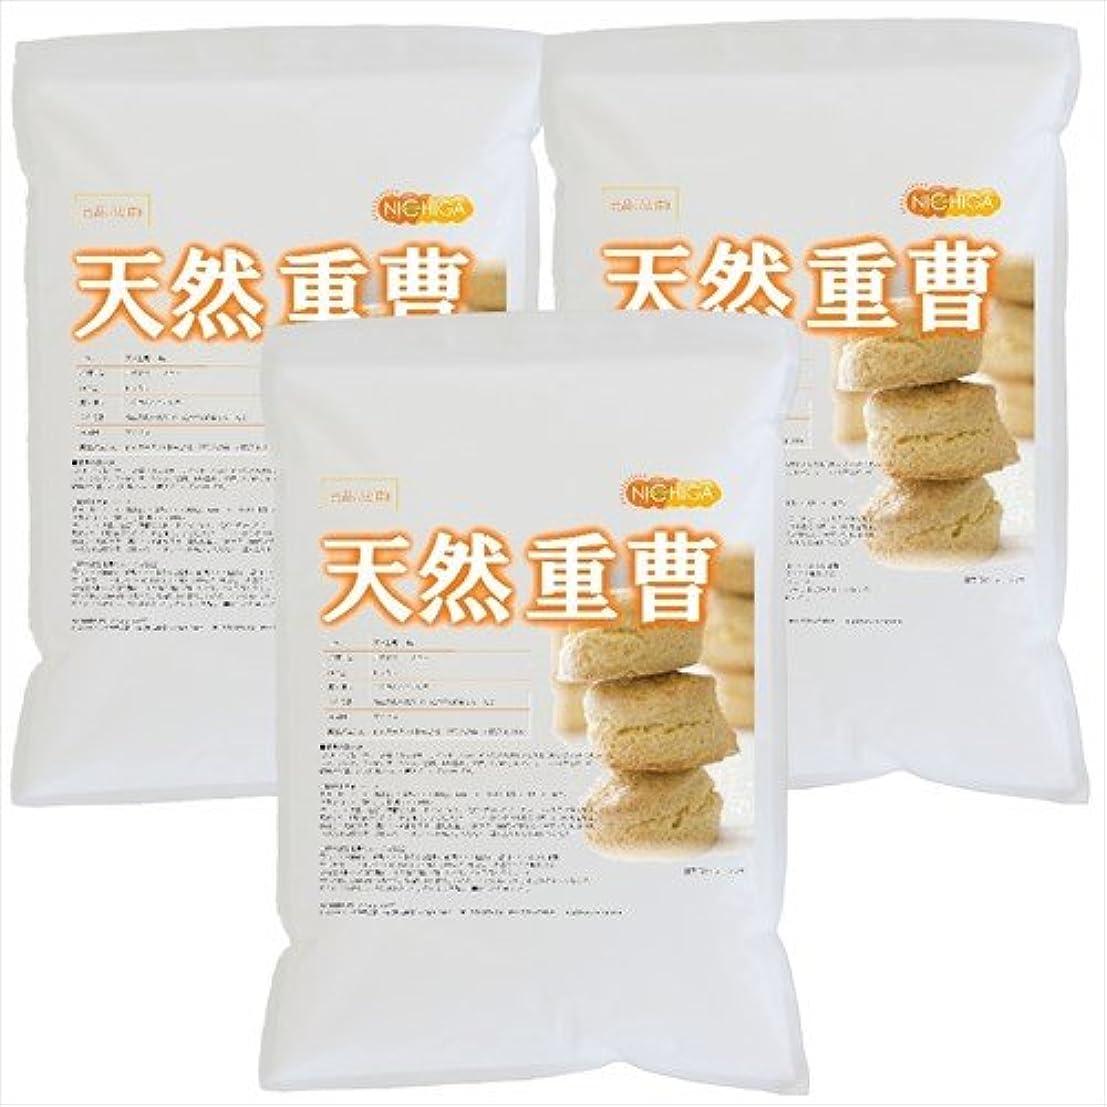 例外大胆な今まで天然 重曹 5kg×3袋 [02] 炭酸水素ナトリウム 食品添加物(食品用)NICHIGA(ニチガ)